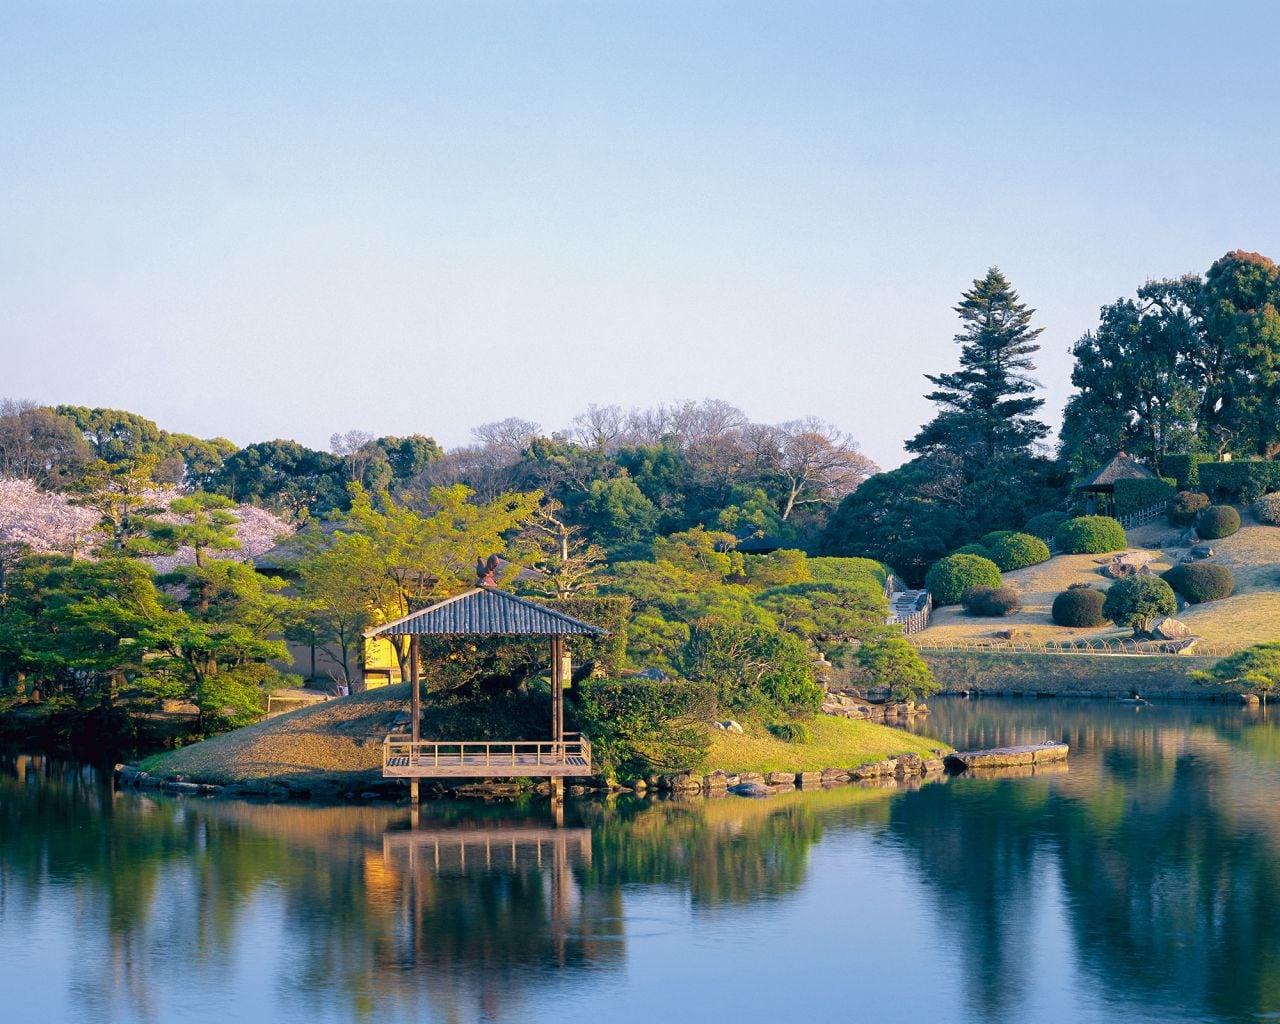 Sân vườn kiểu Nhật với đảo xanh